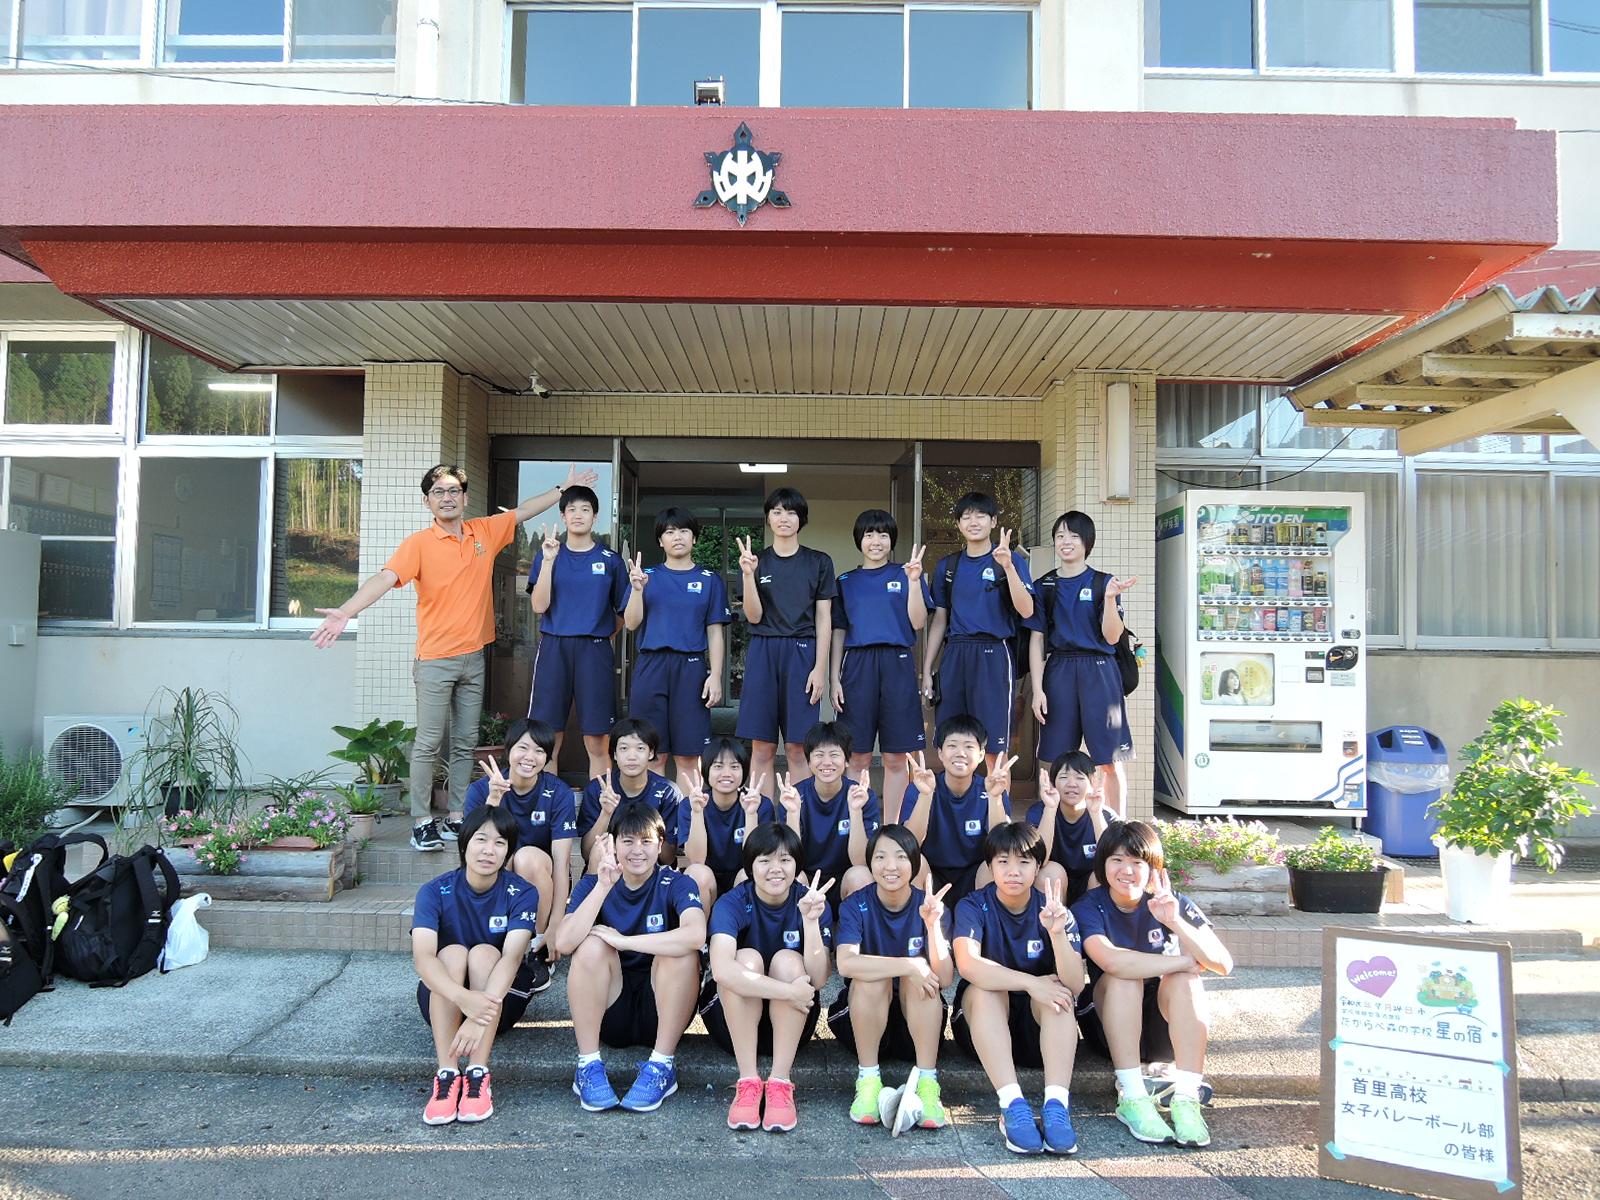 沖縄県立首里高等学校女子バレーボール部の皆さんが宿泊されました【高校総体】